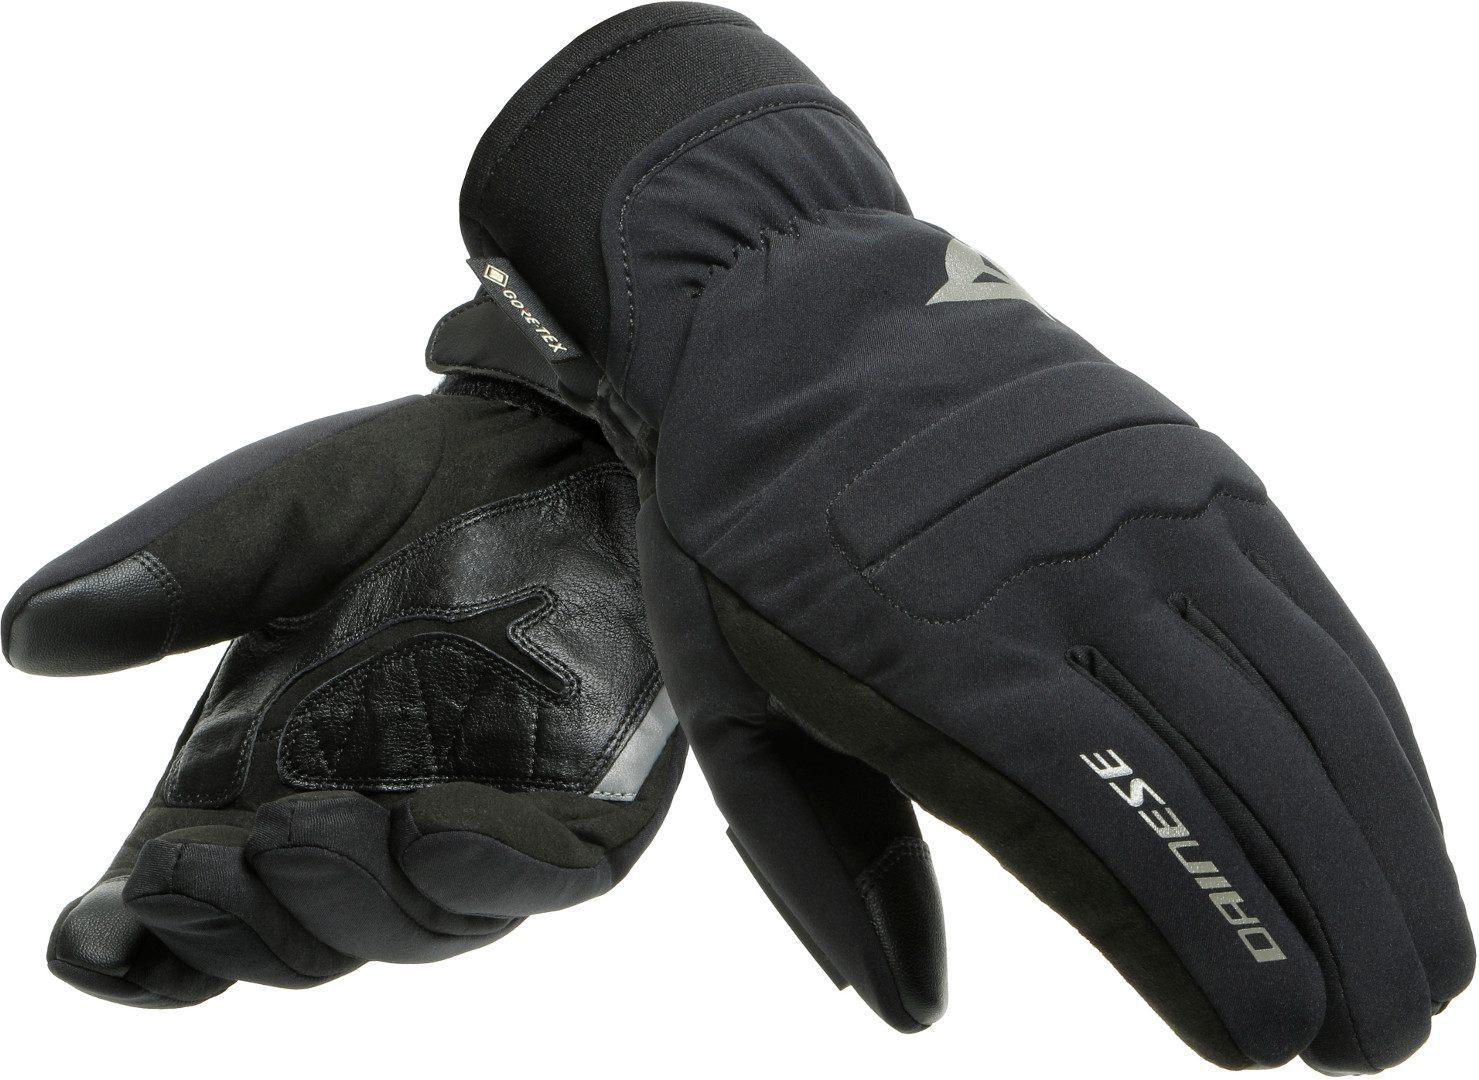 Dainese Como Gore-Tex Motorradhandschuhe, schwarz, Größe XL, schwarz, Größe XL